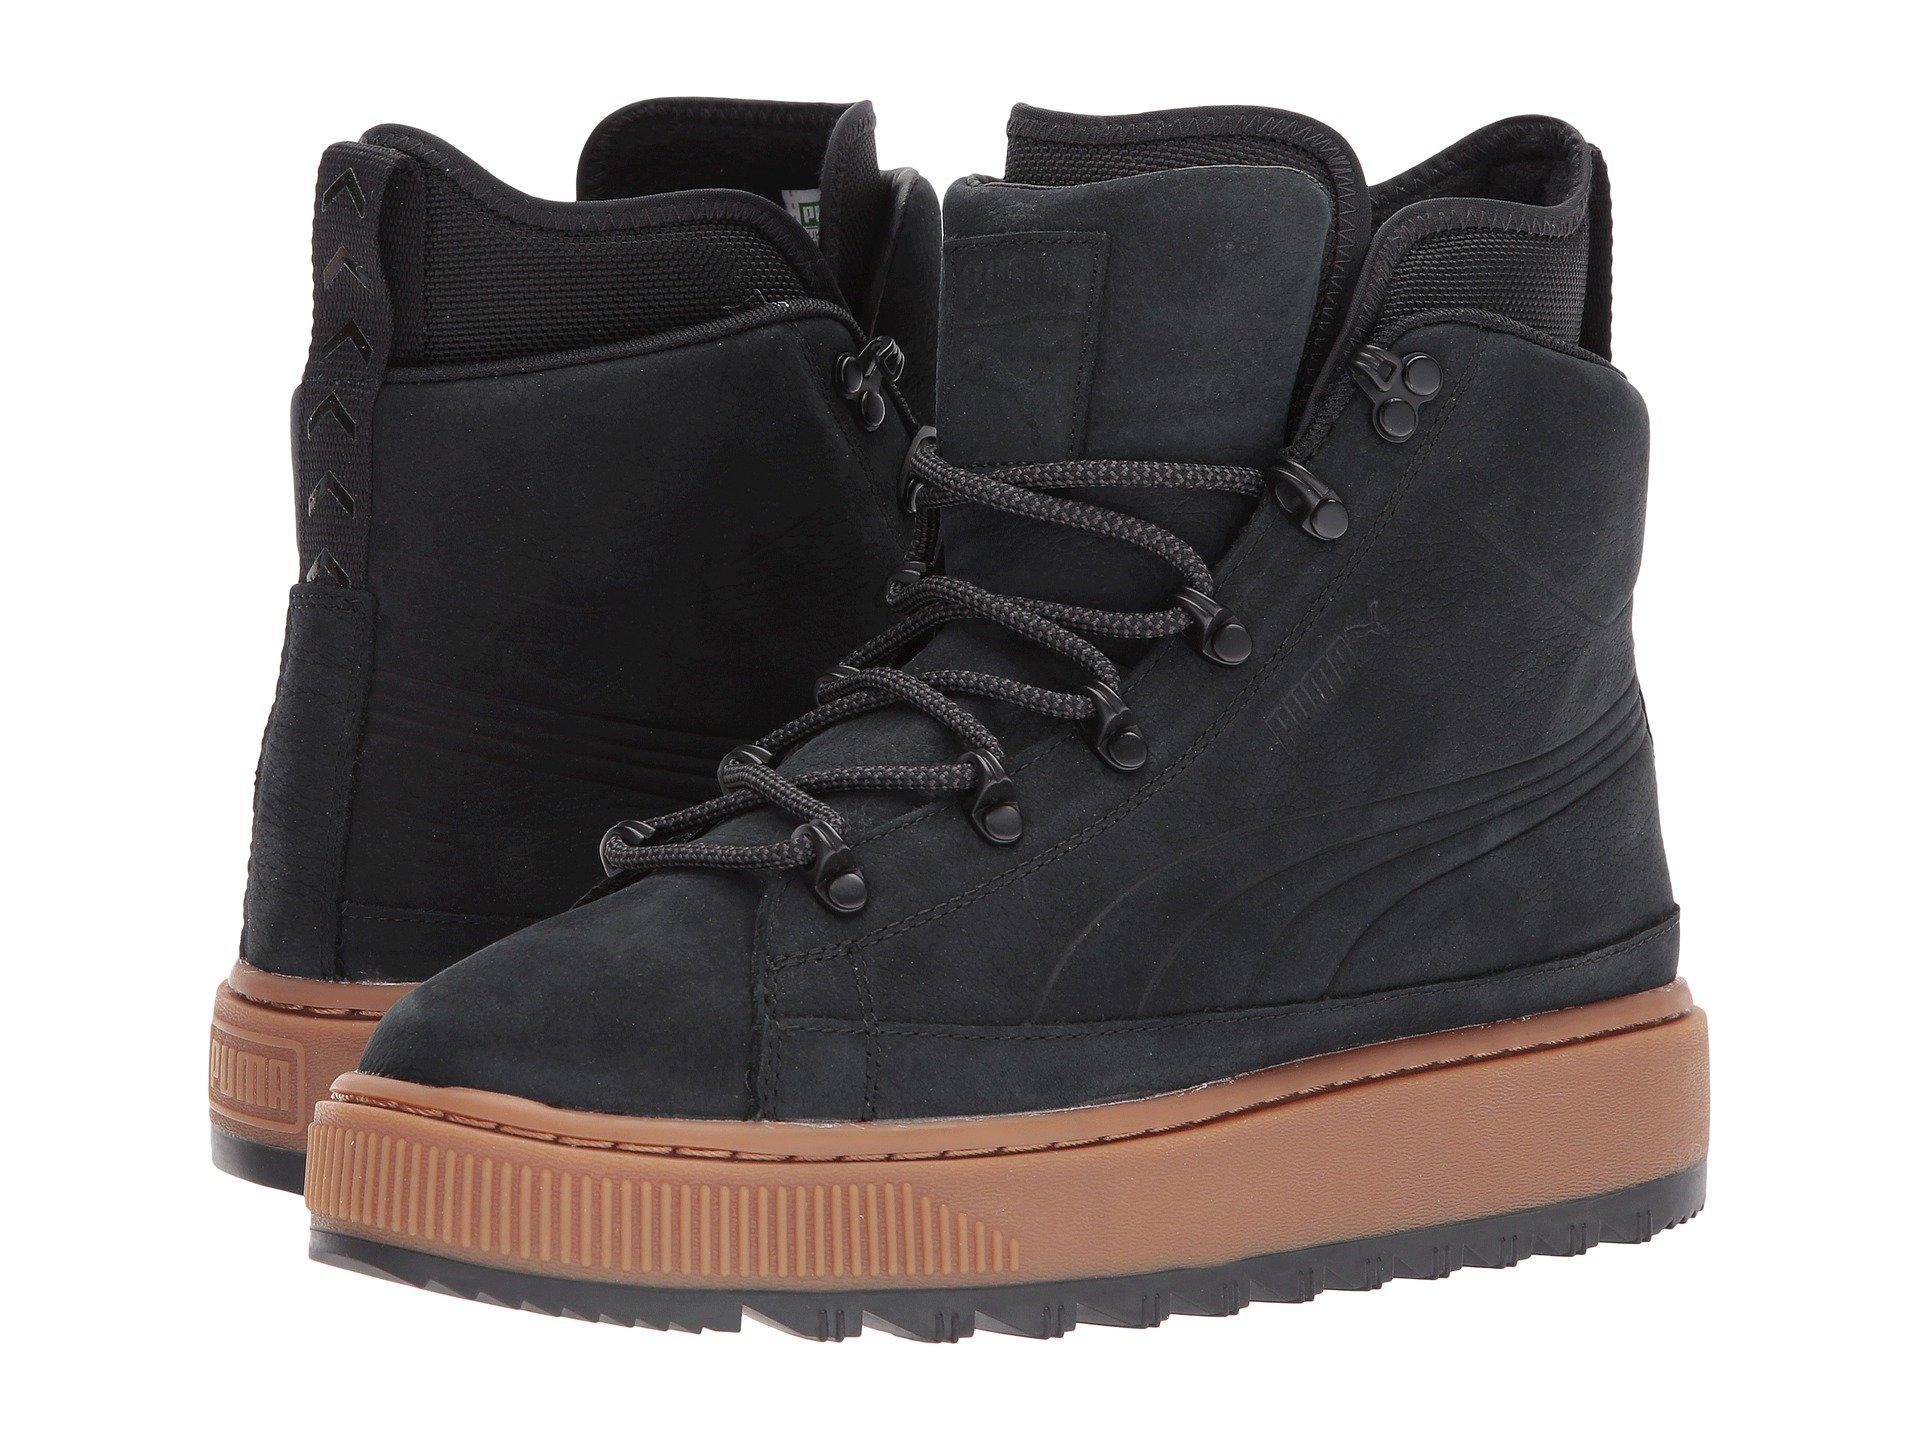 Pumas Courir Les Chaussures Nbk Bateau Salut Baskets Noir Noir gbqGRP7W